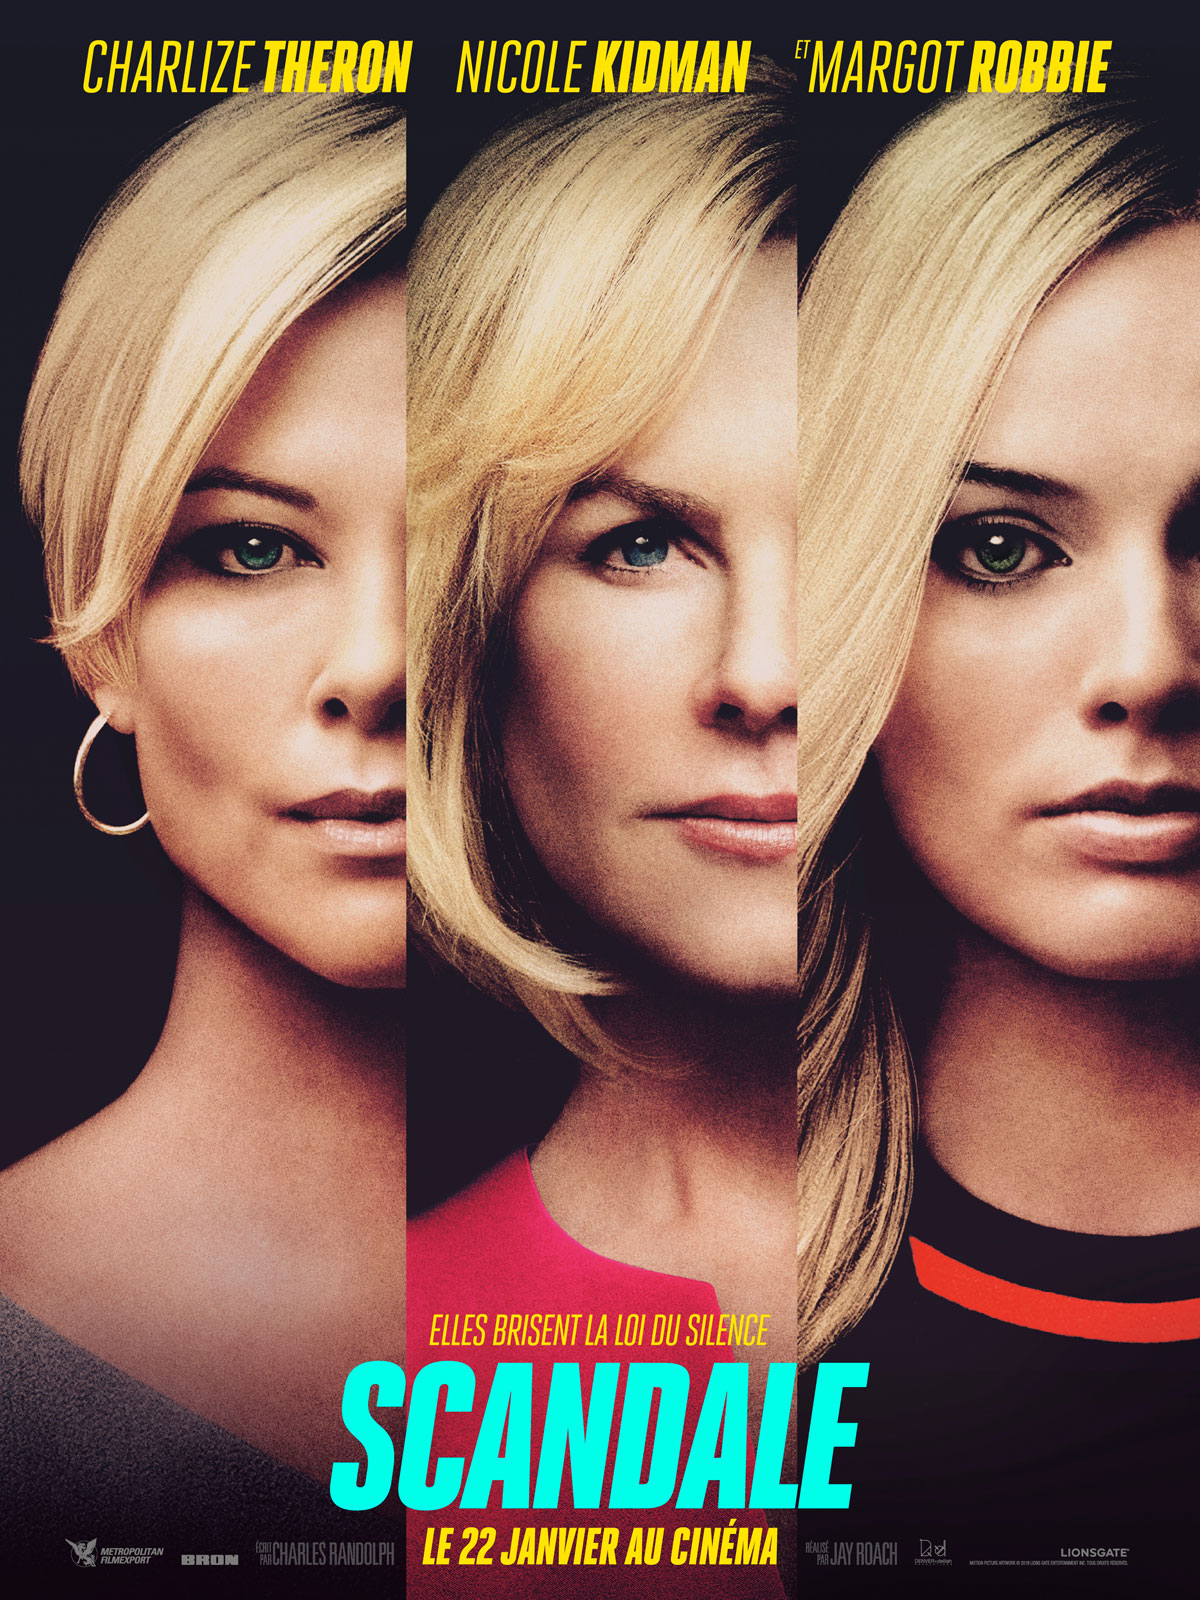 Scandale film affiche 2020 critique avis